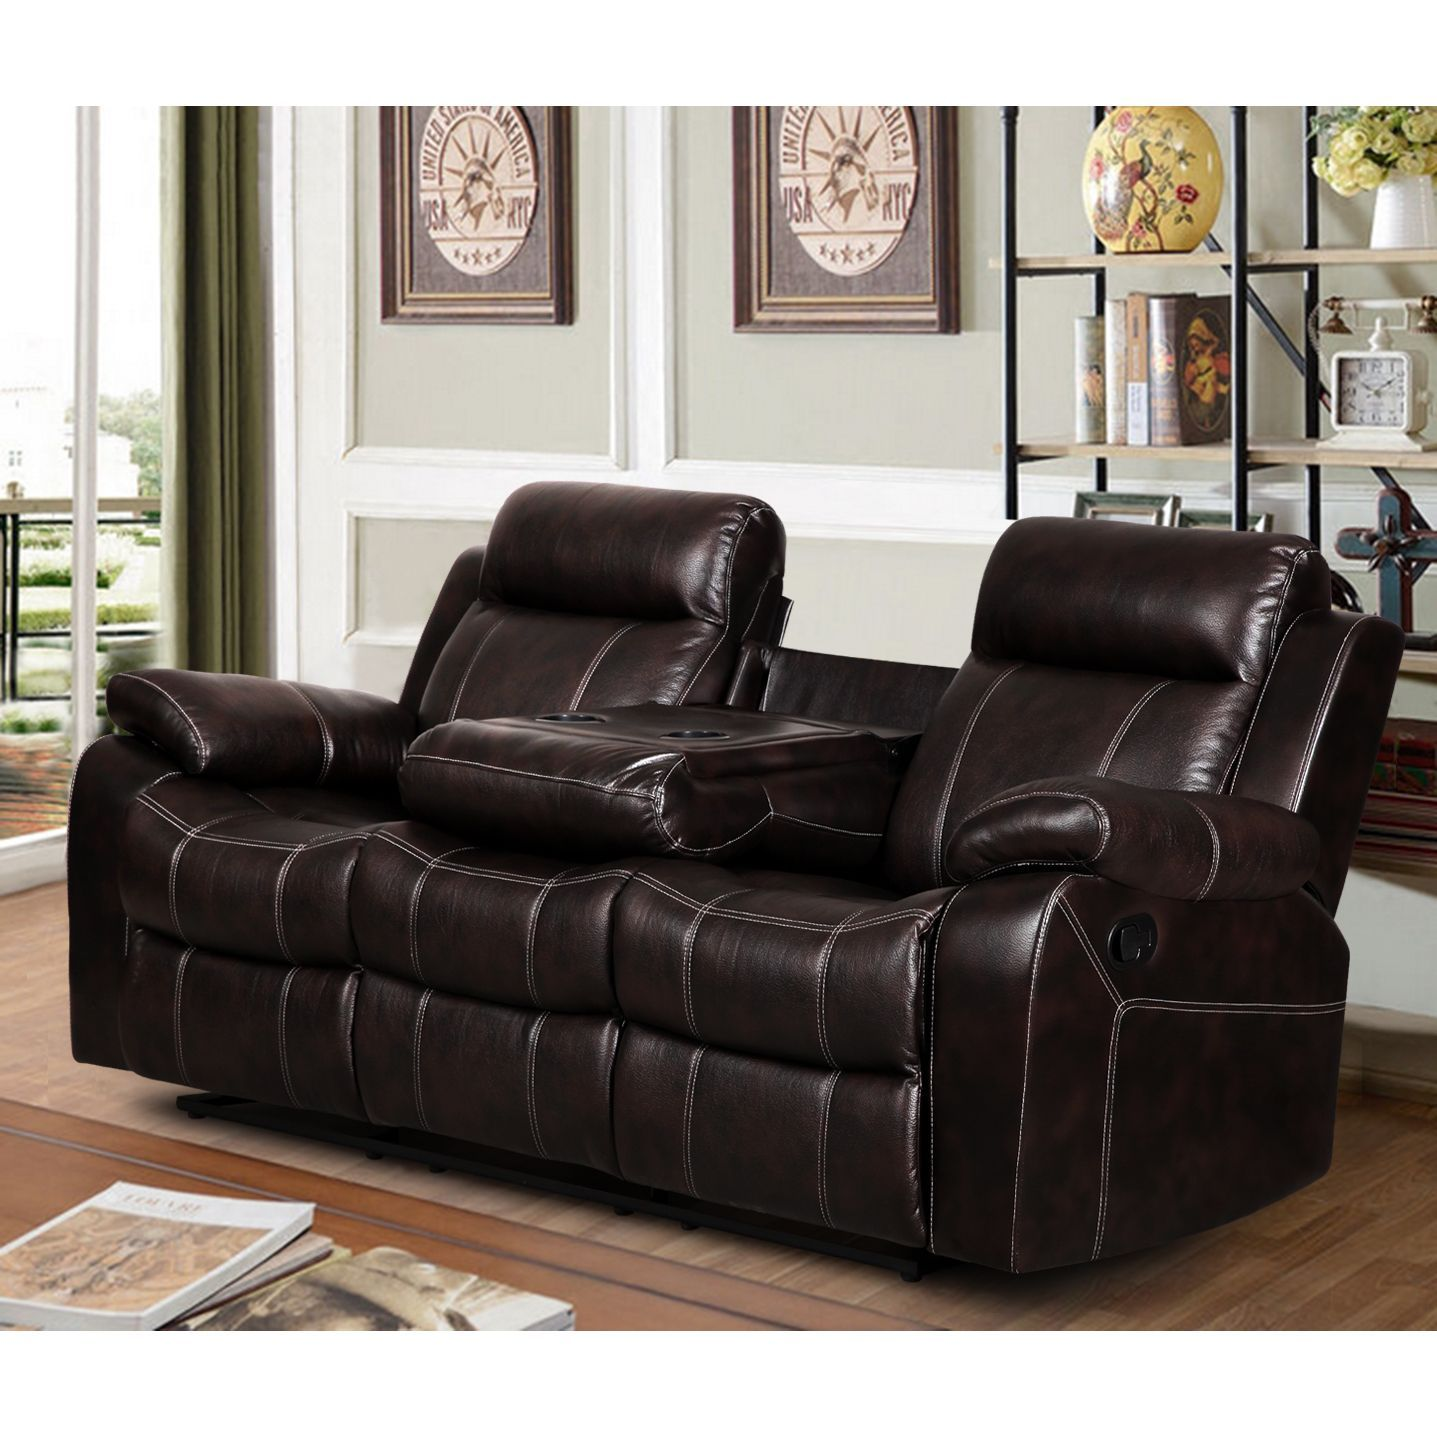 Finley Dark Brown Leather Gel Living Room